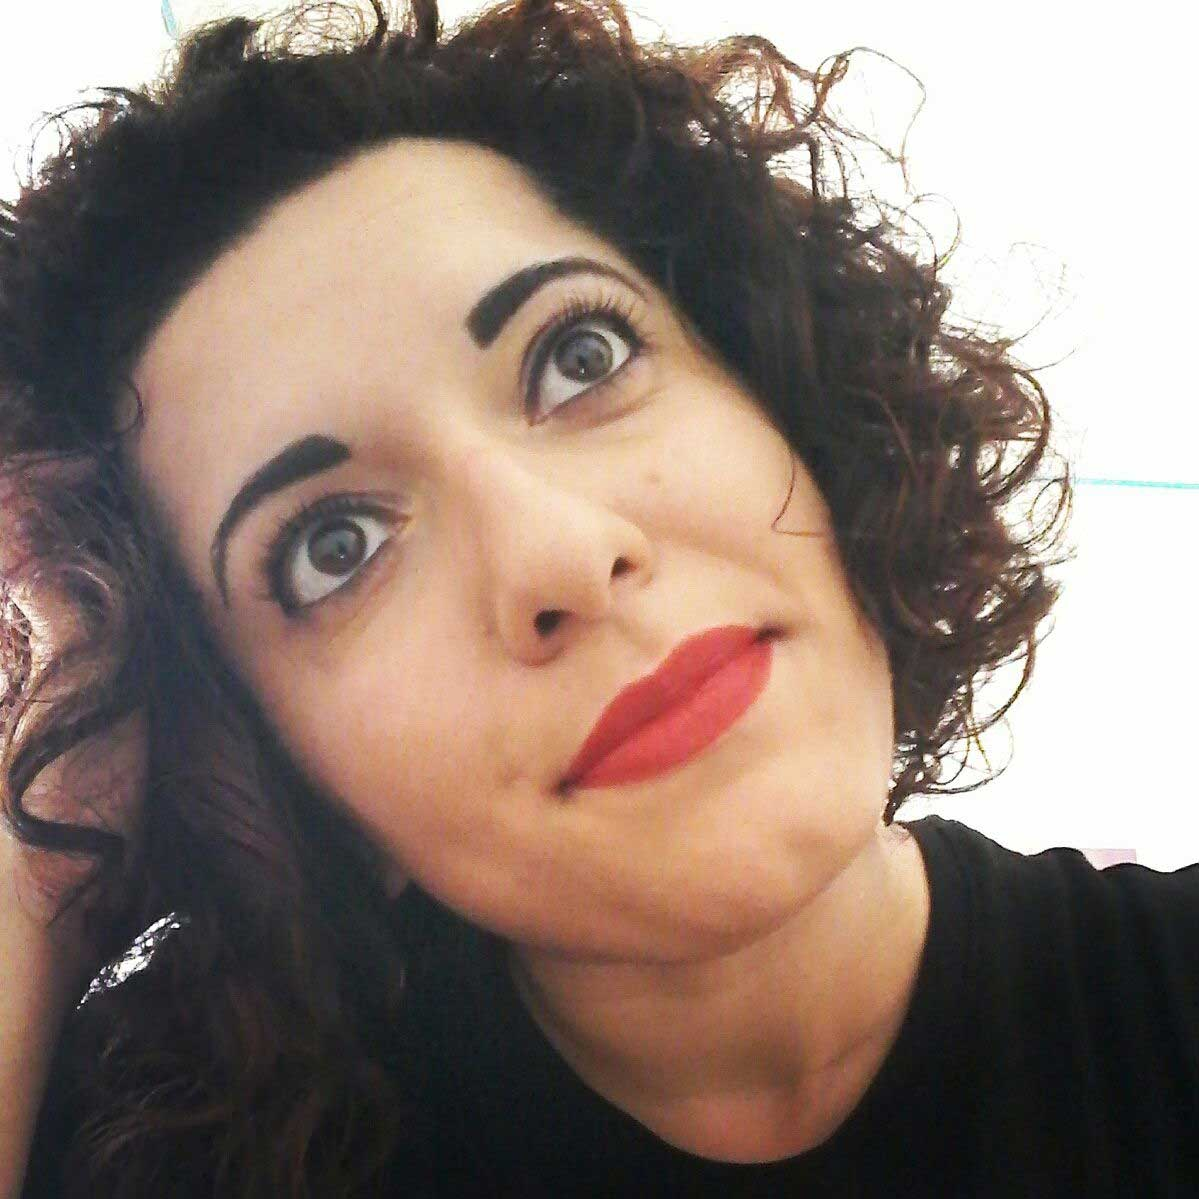 ROSA ANTONELLA CANNATA